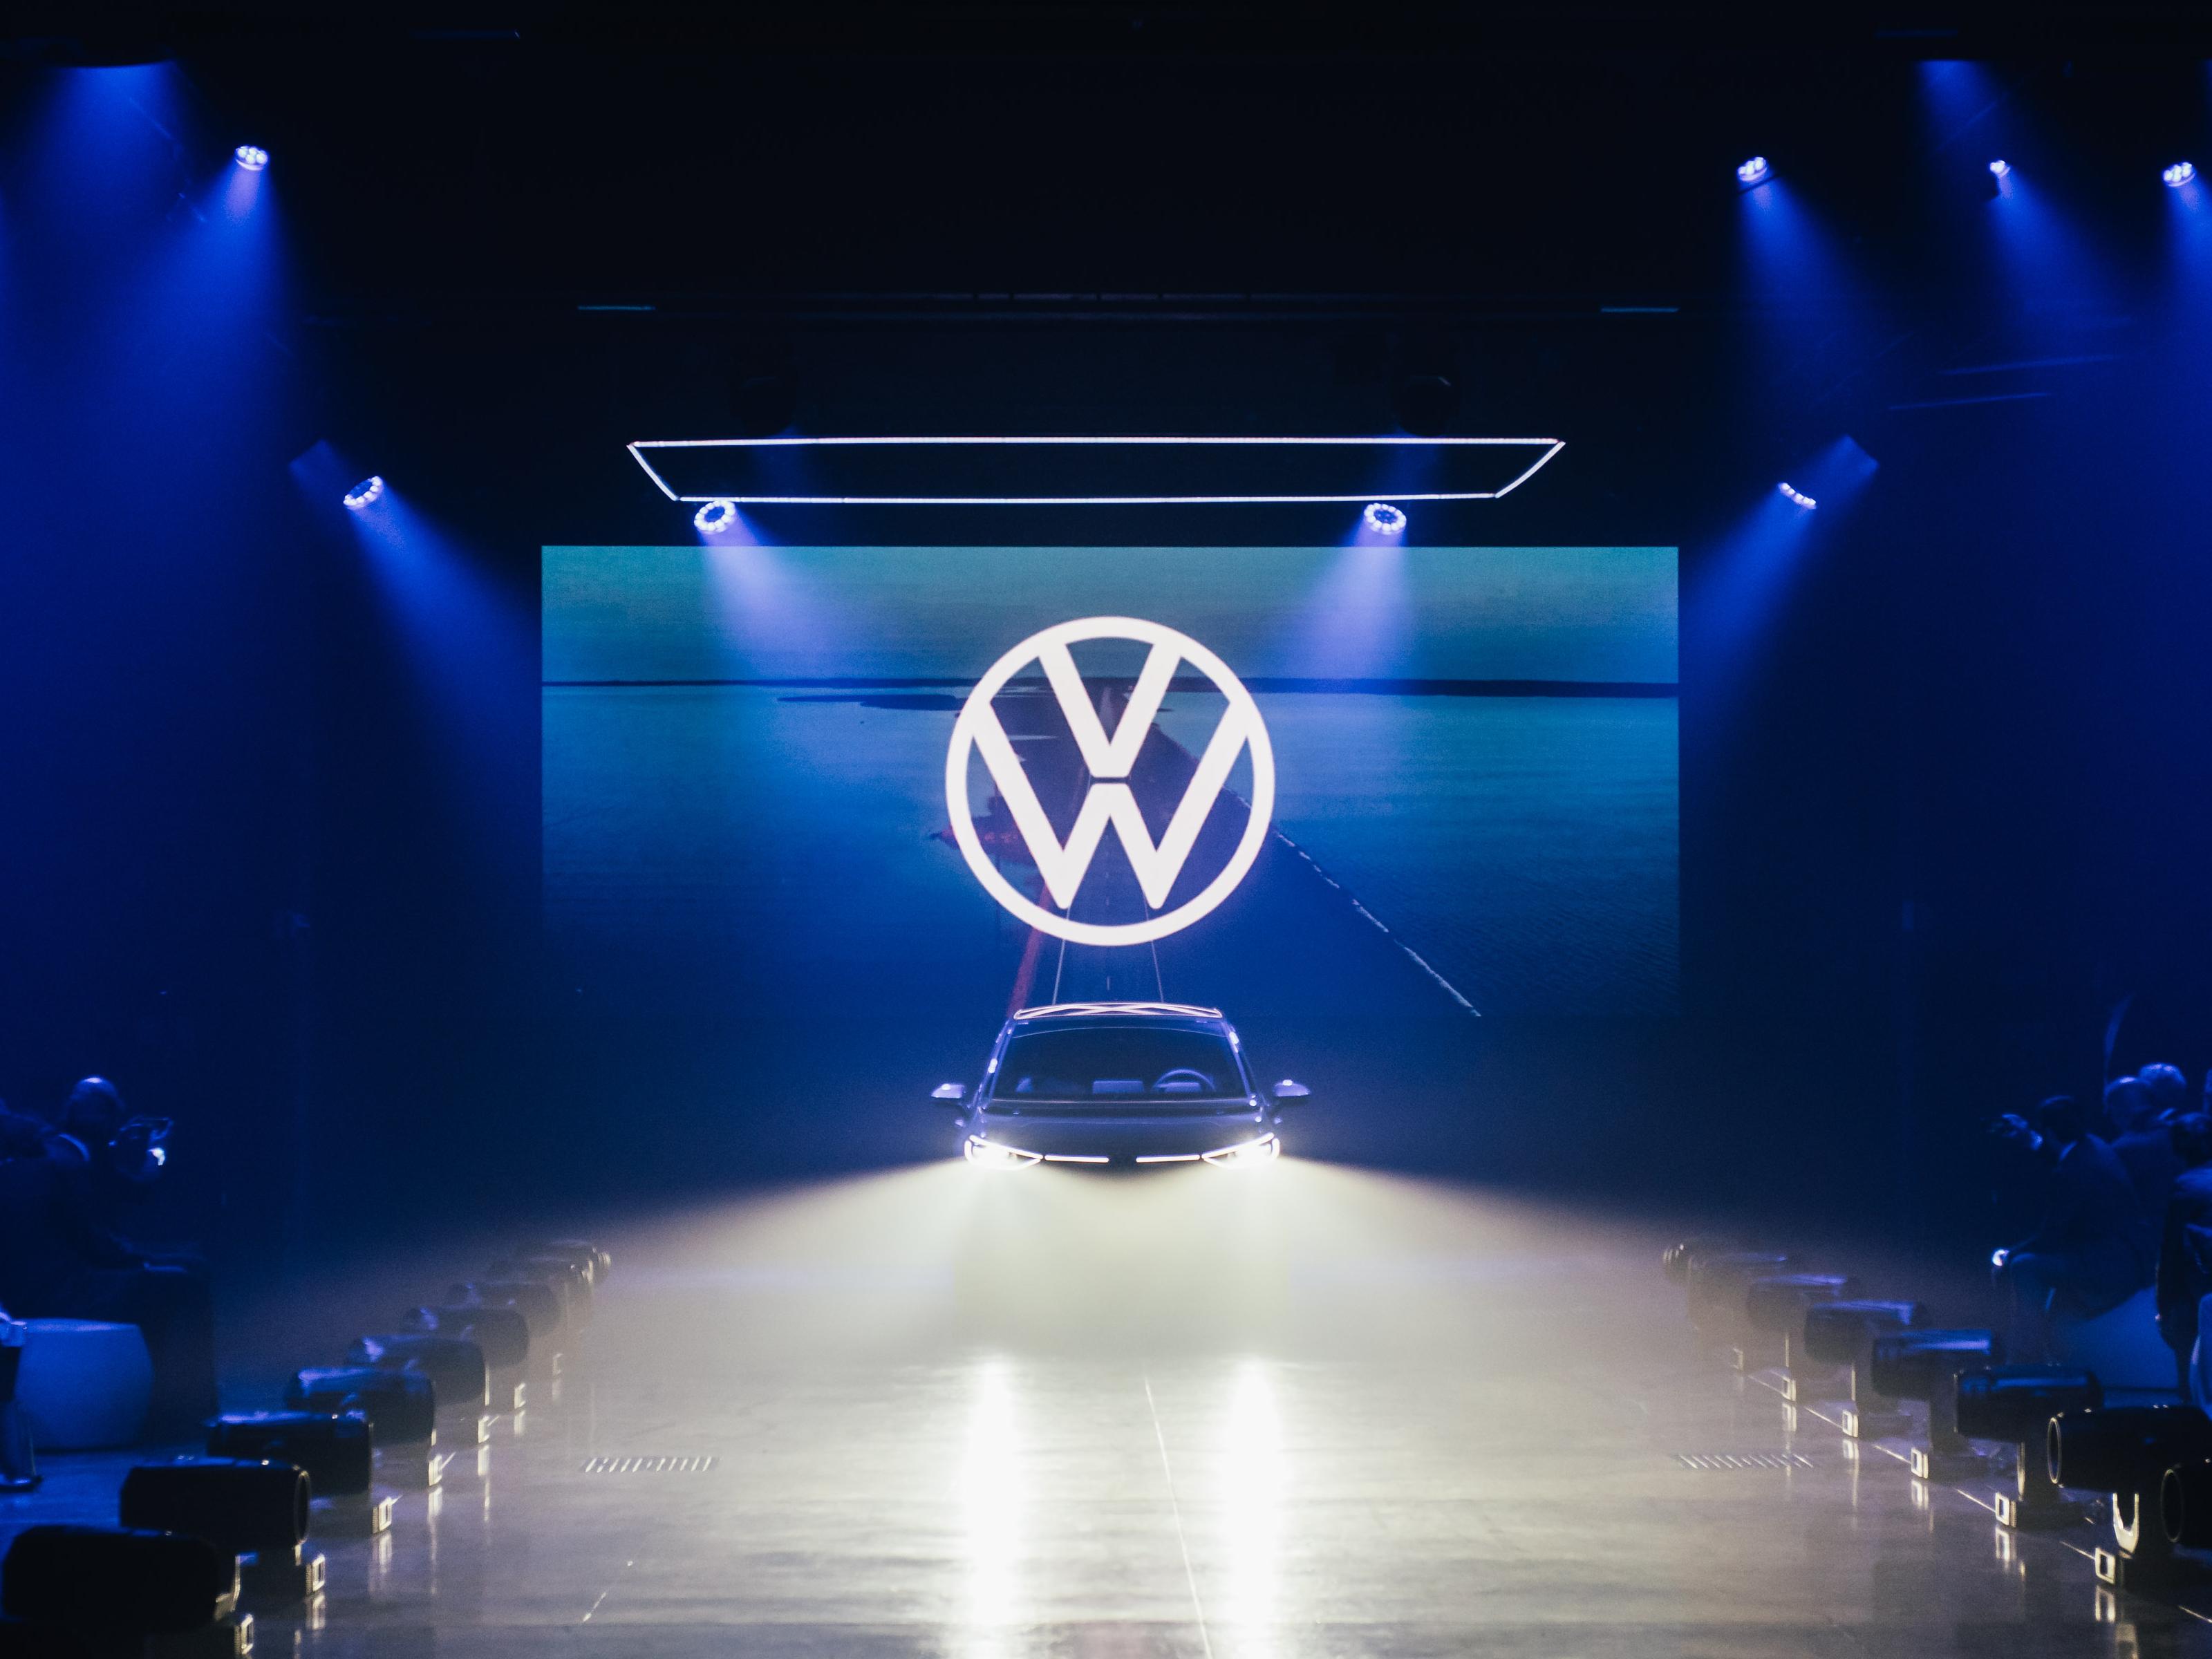 IMG VW HOME